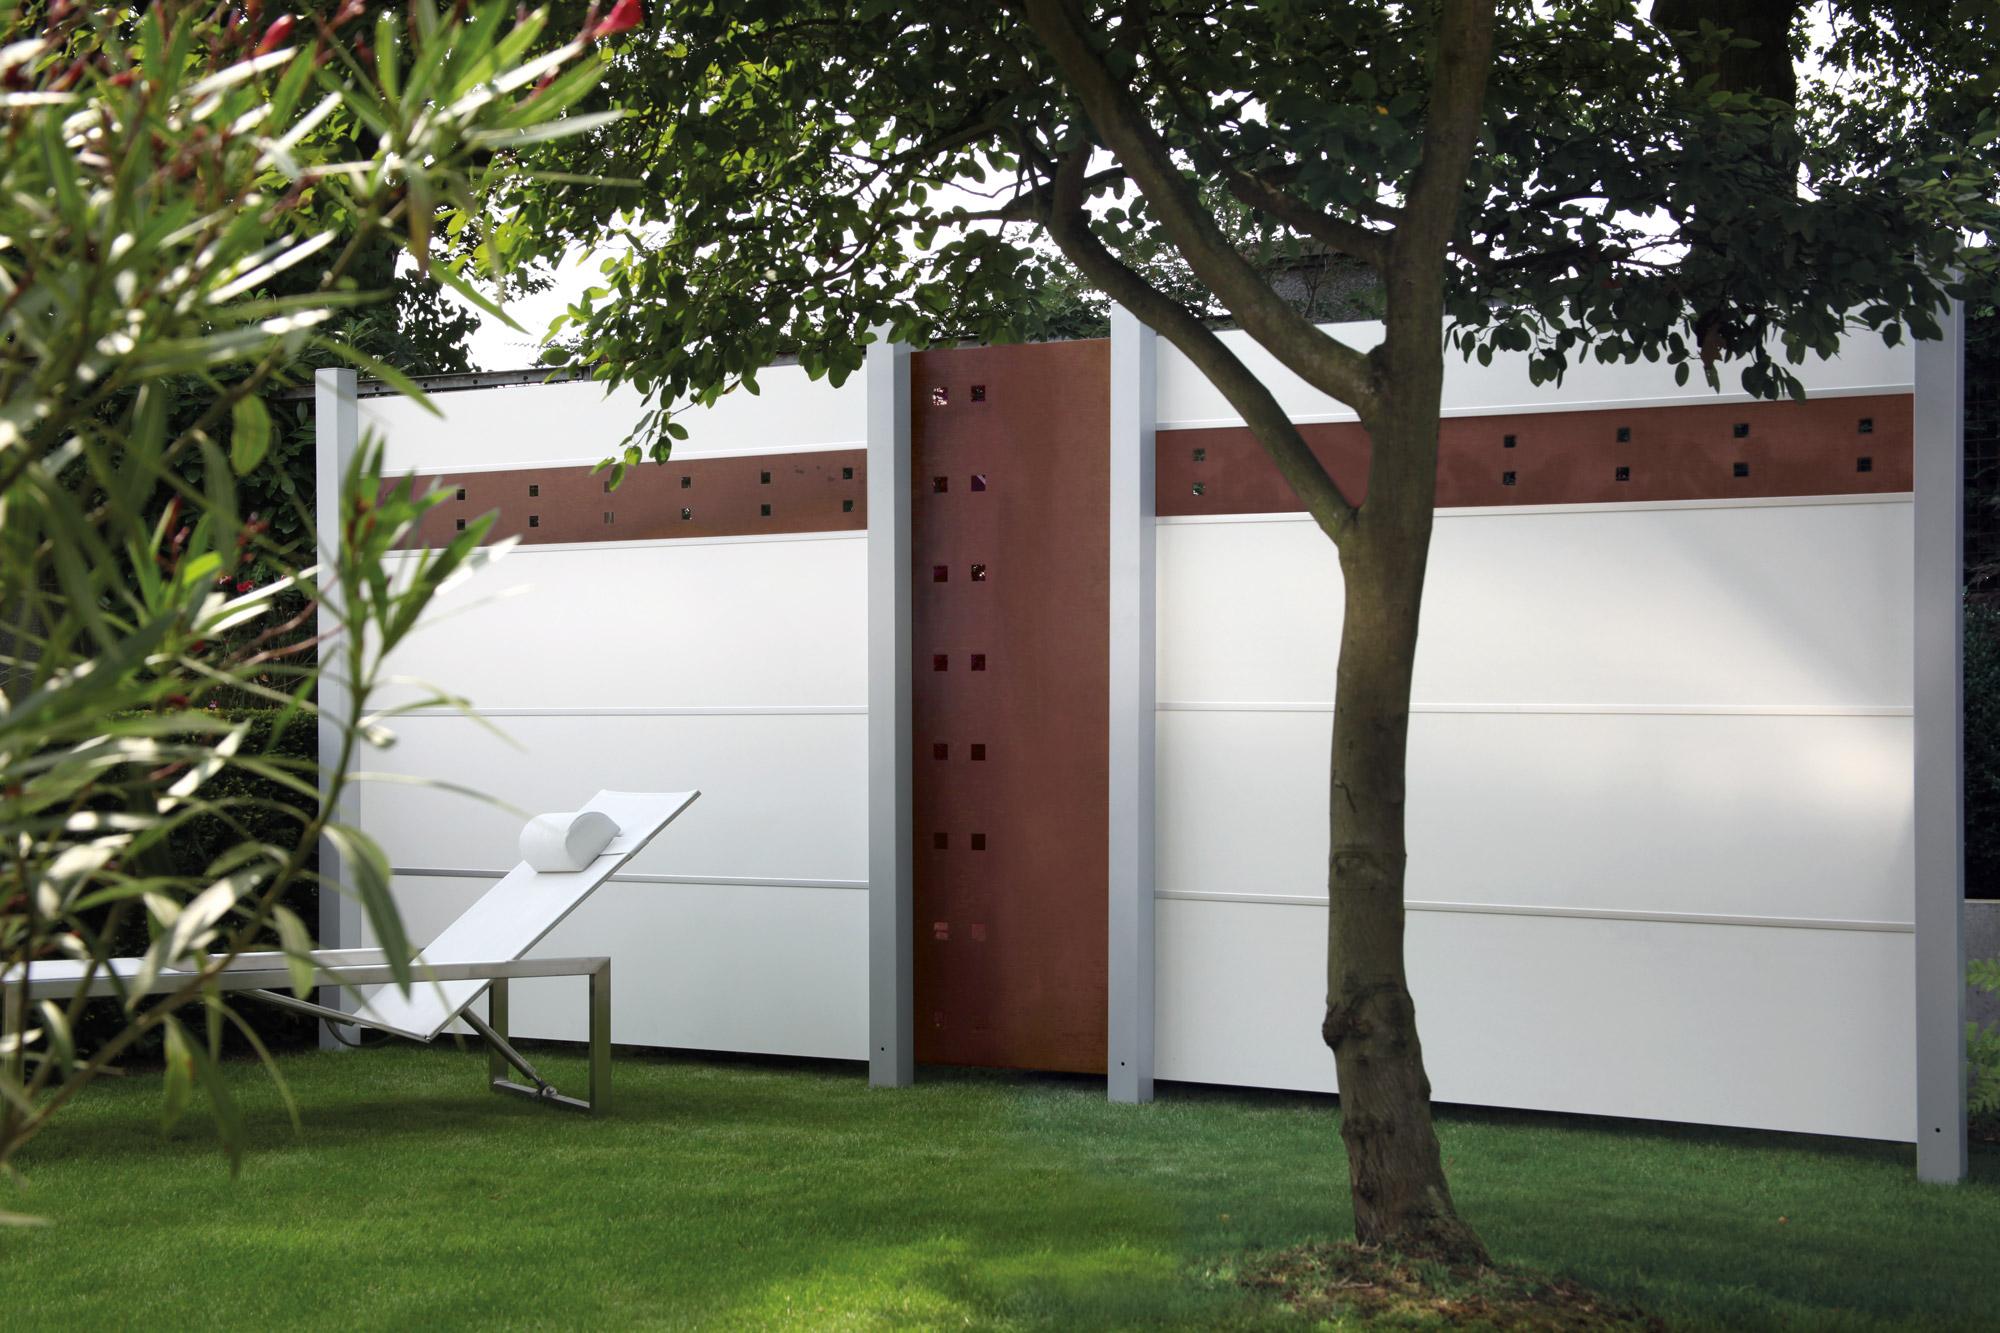 Zu sehen ist ein elevato Sichtschutzzaun mit Beispielen einer Gestaltungsmöglichkeit.